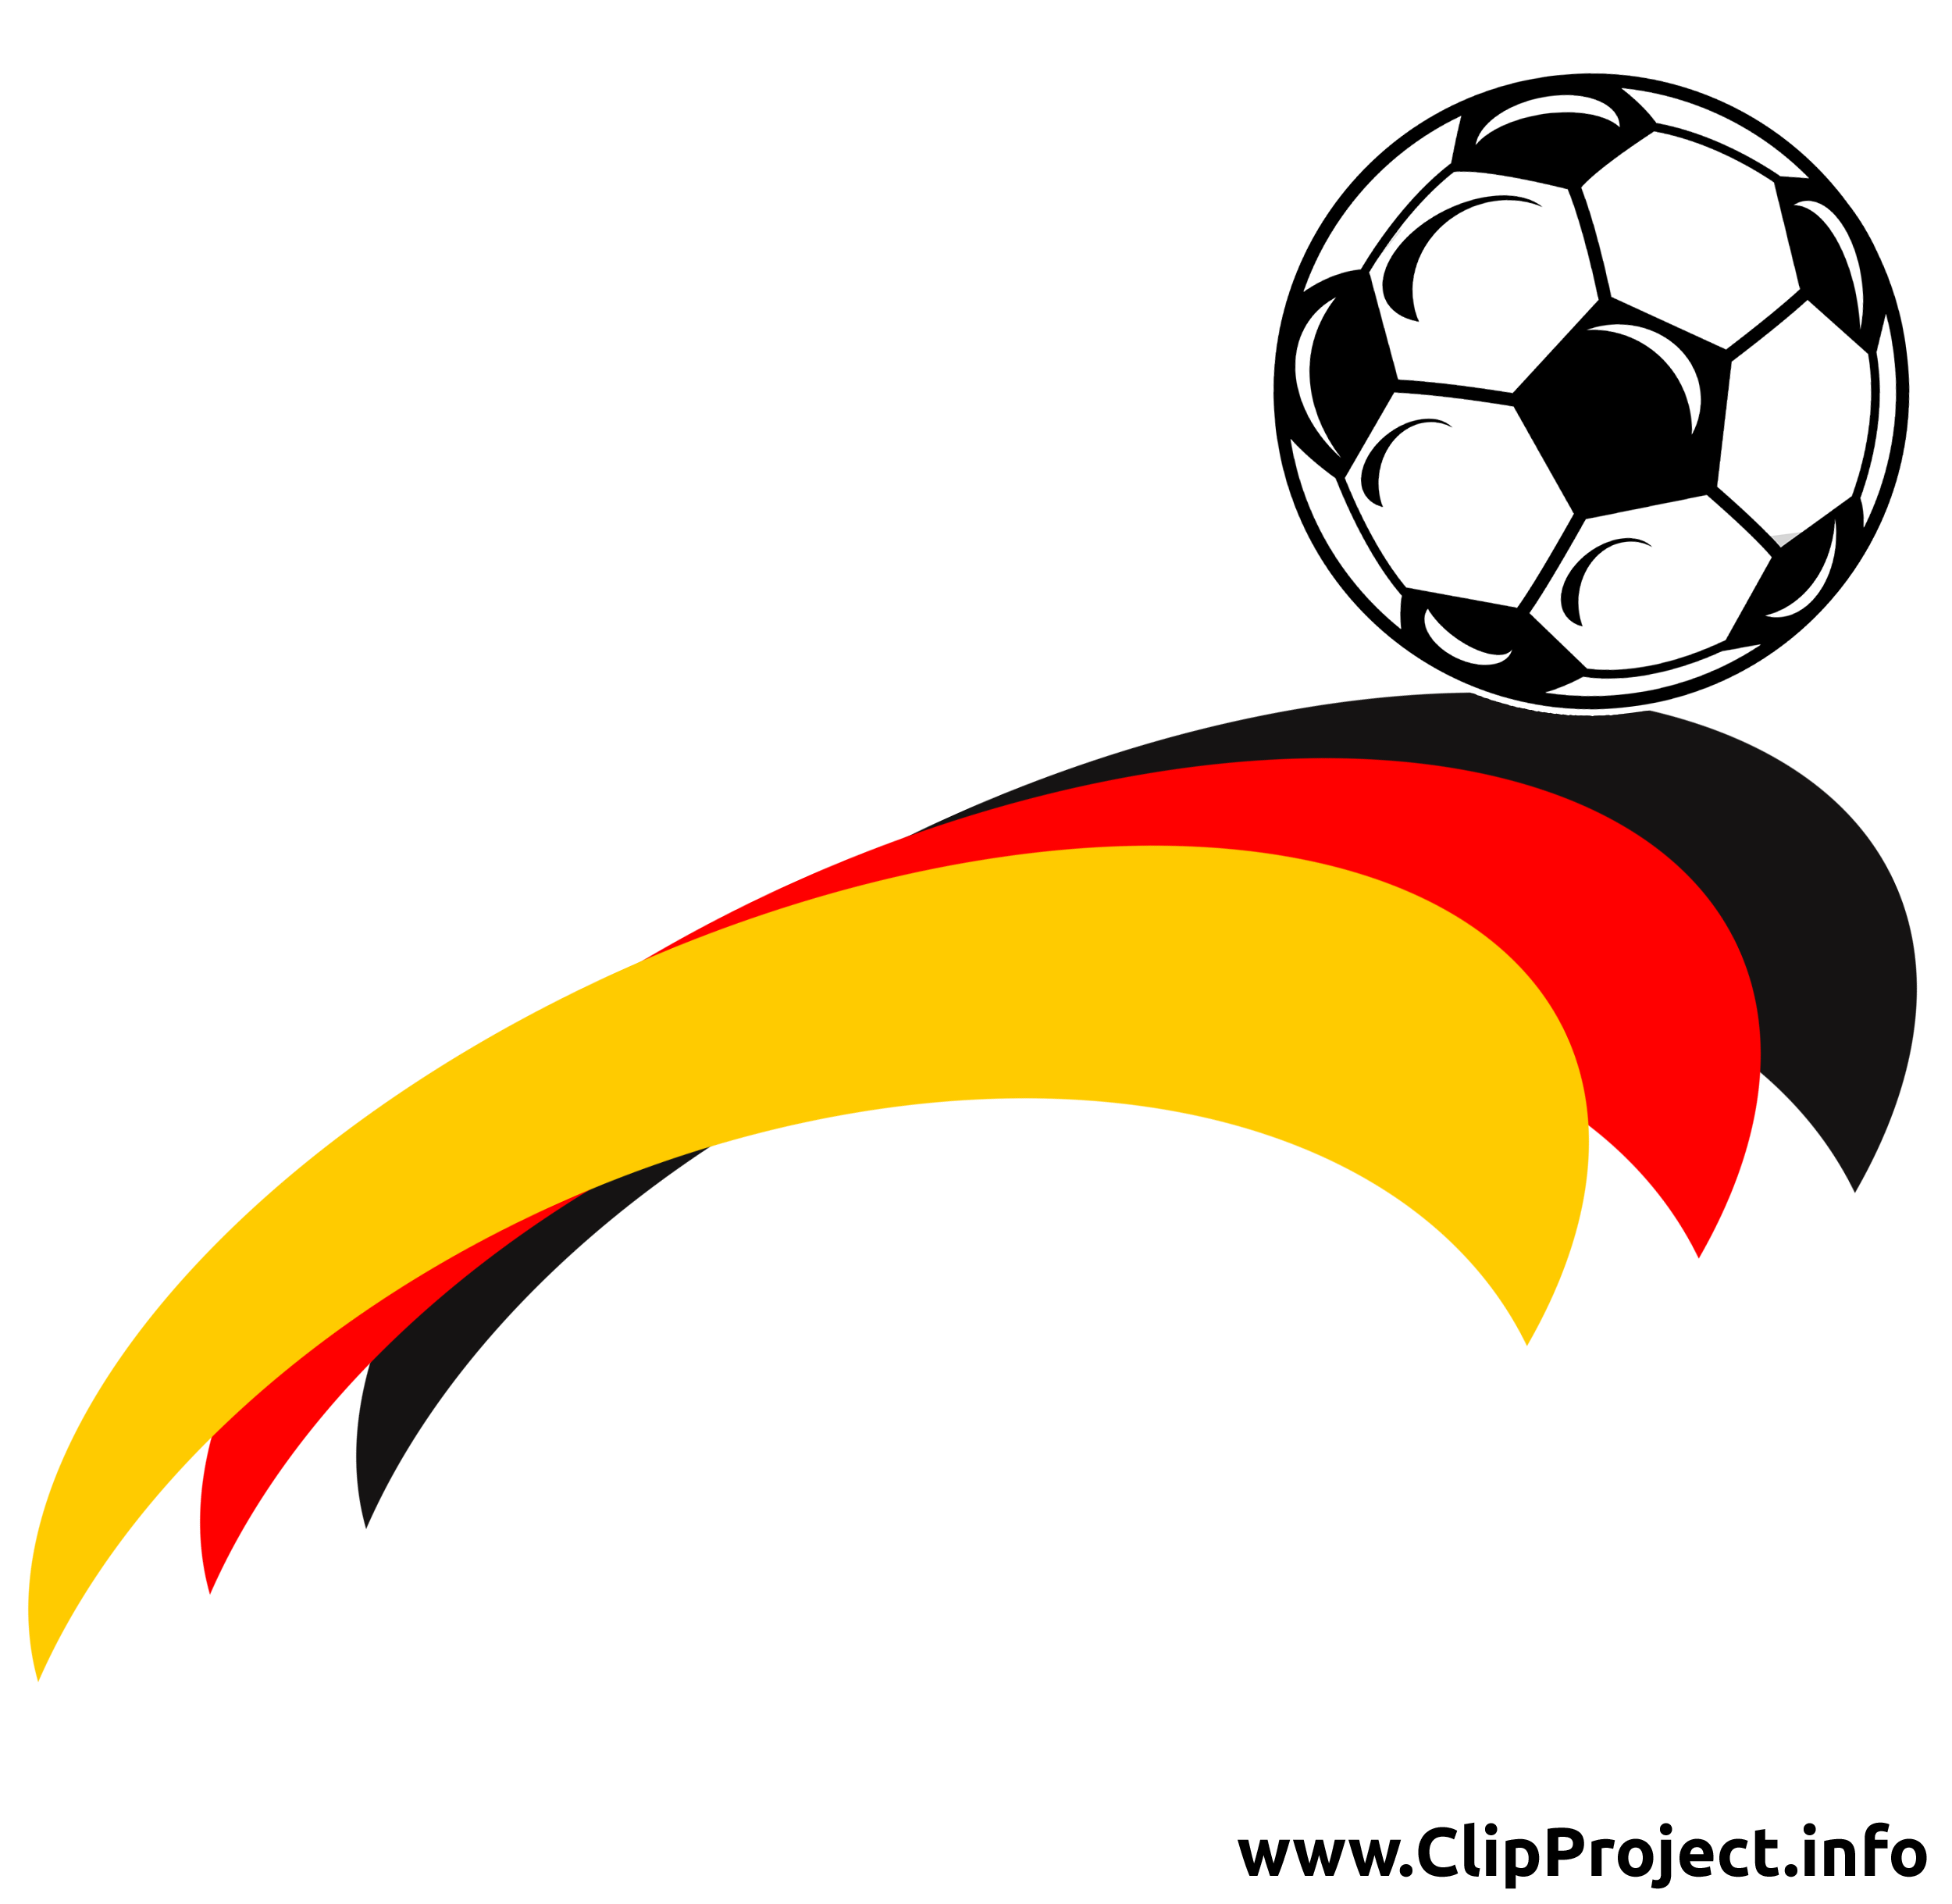 Fussball Clipart Zu Fussball Wm Clipart Fussball Clipart